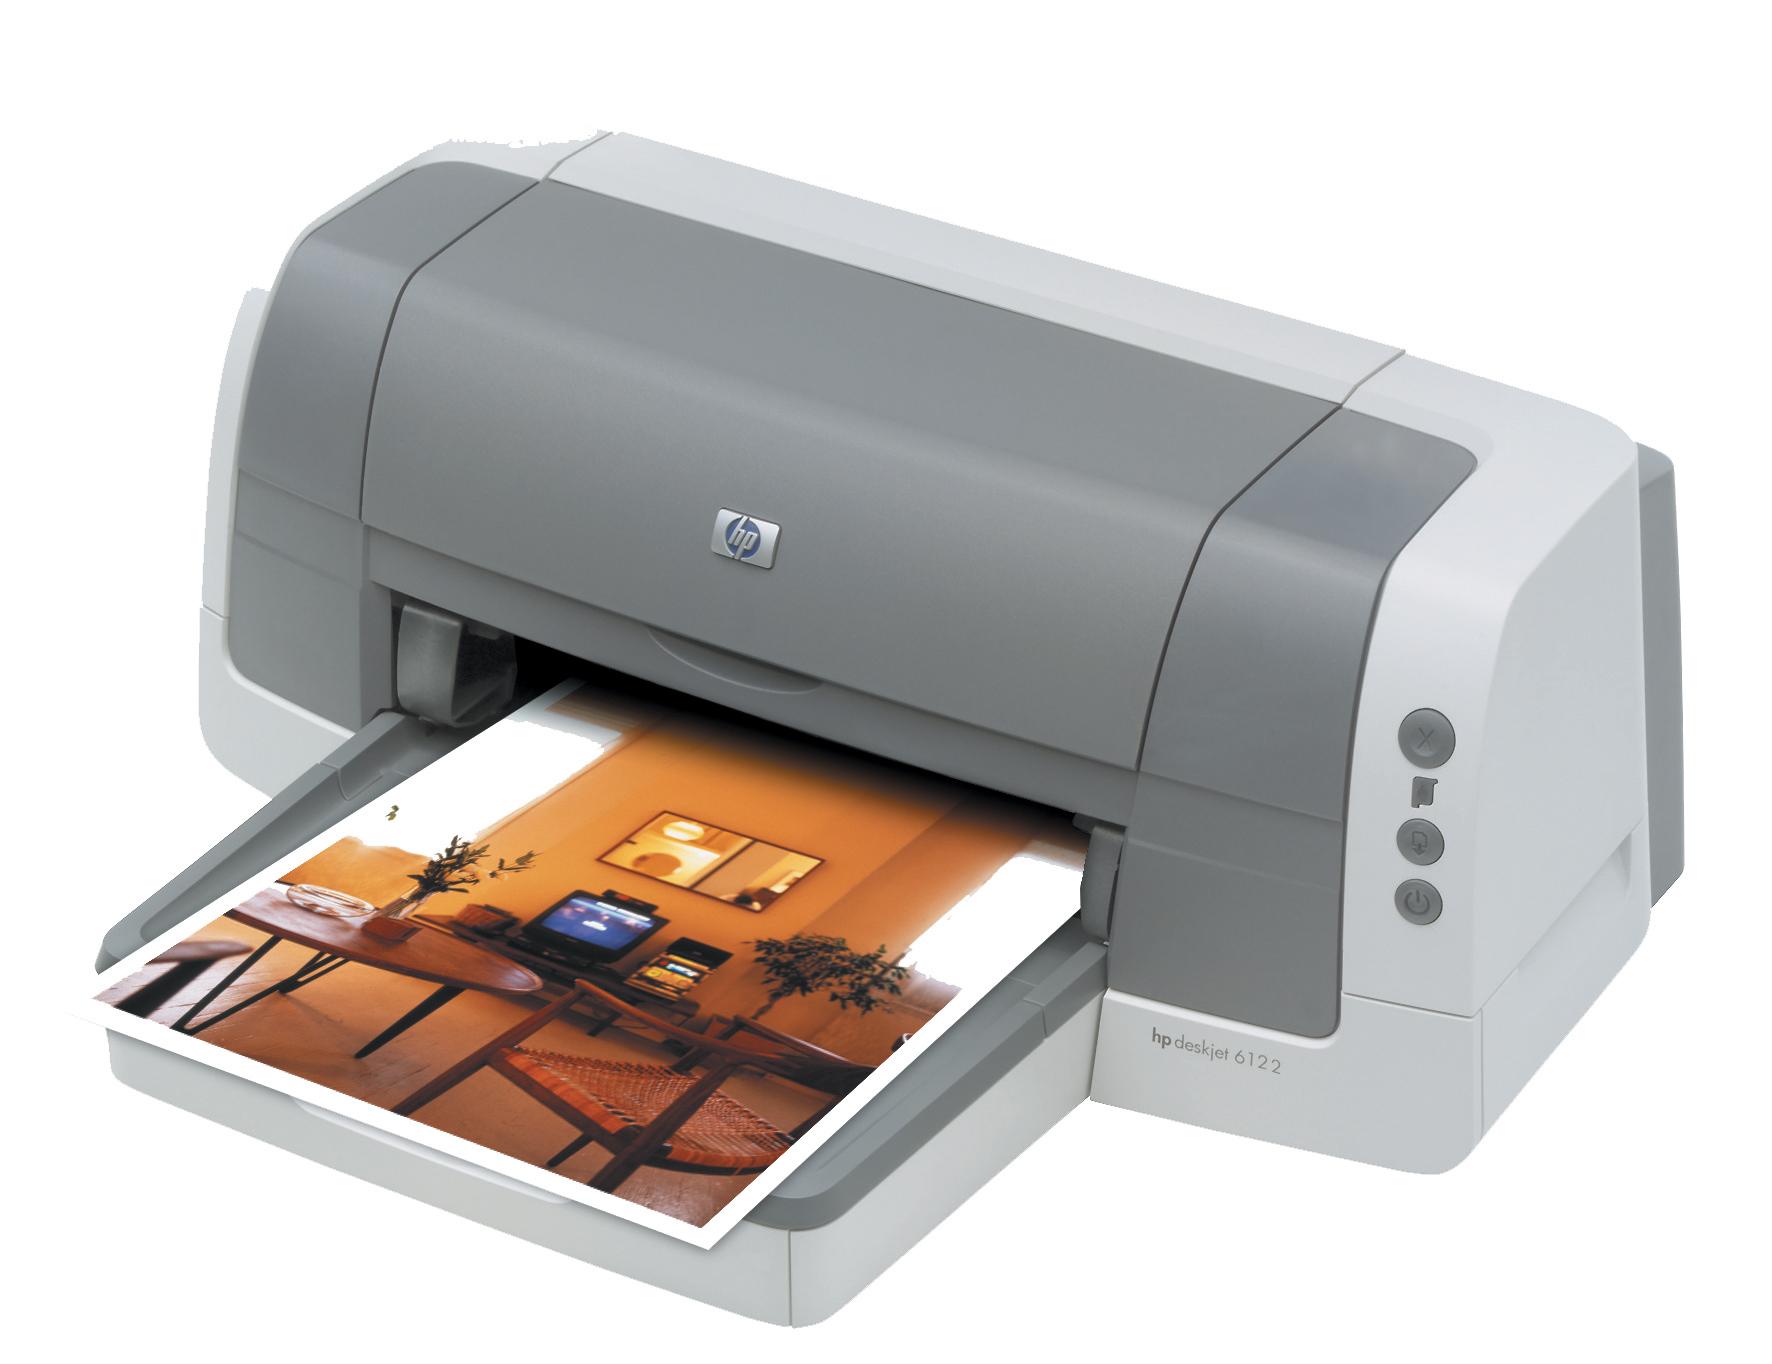 Пластик из которого делают принтеры